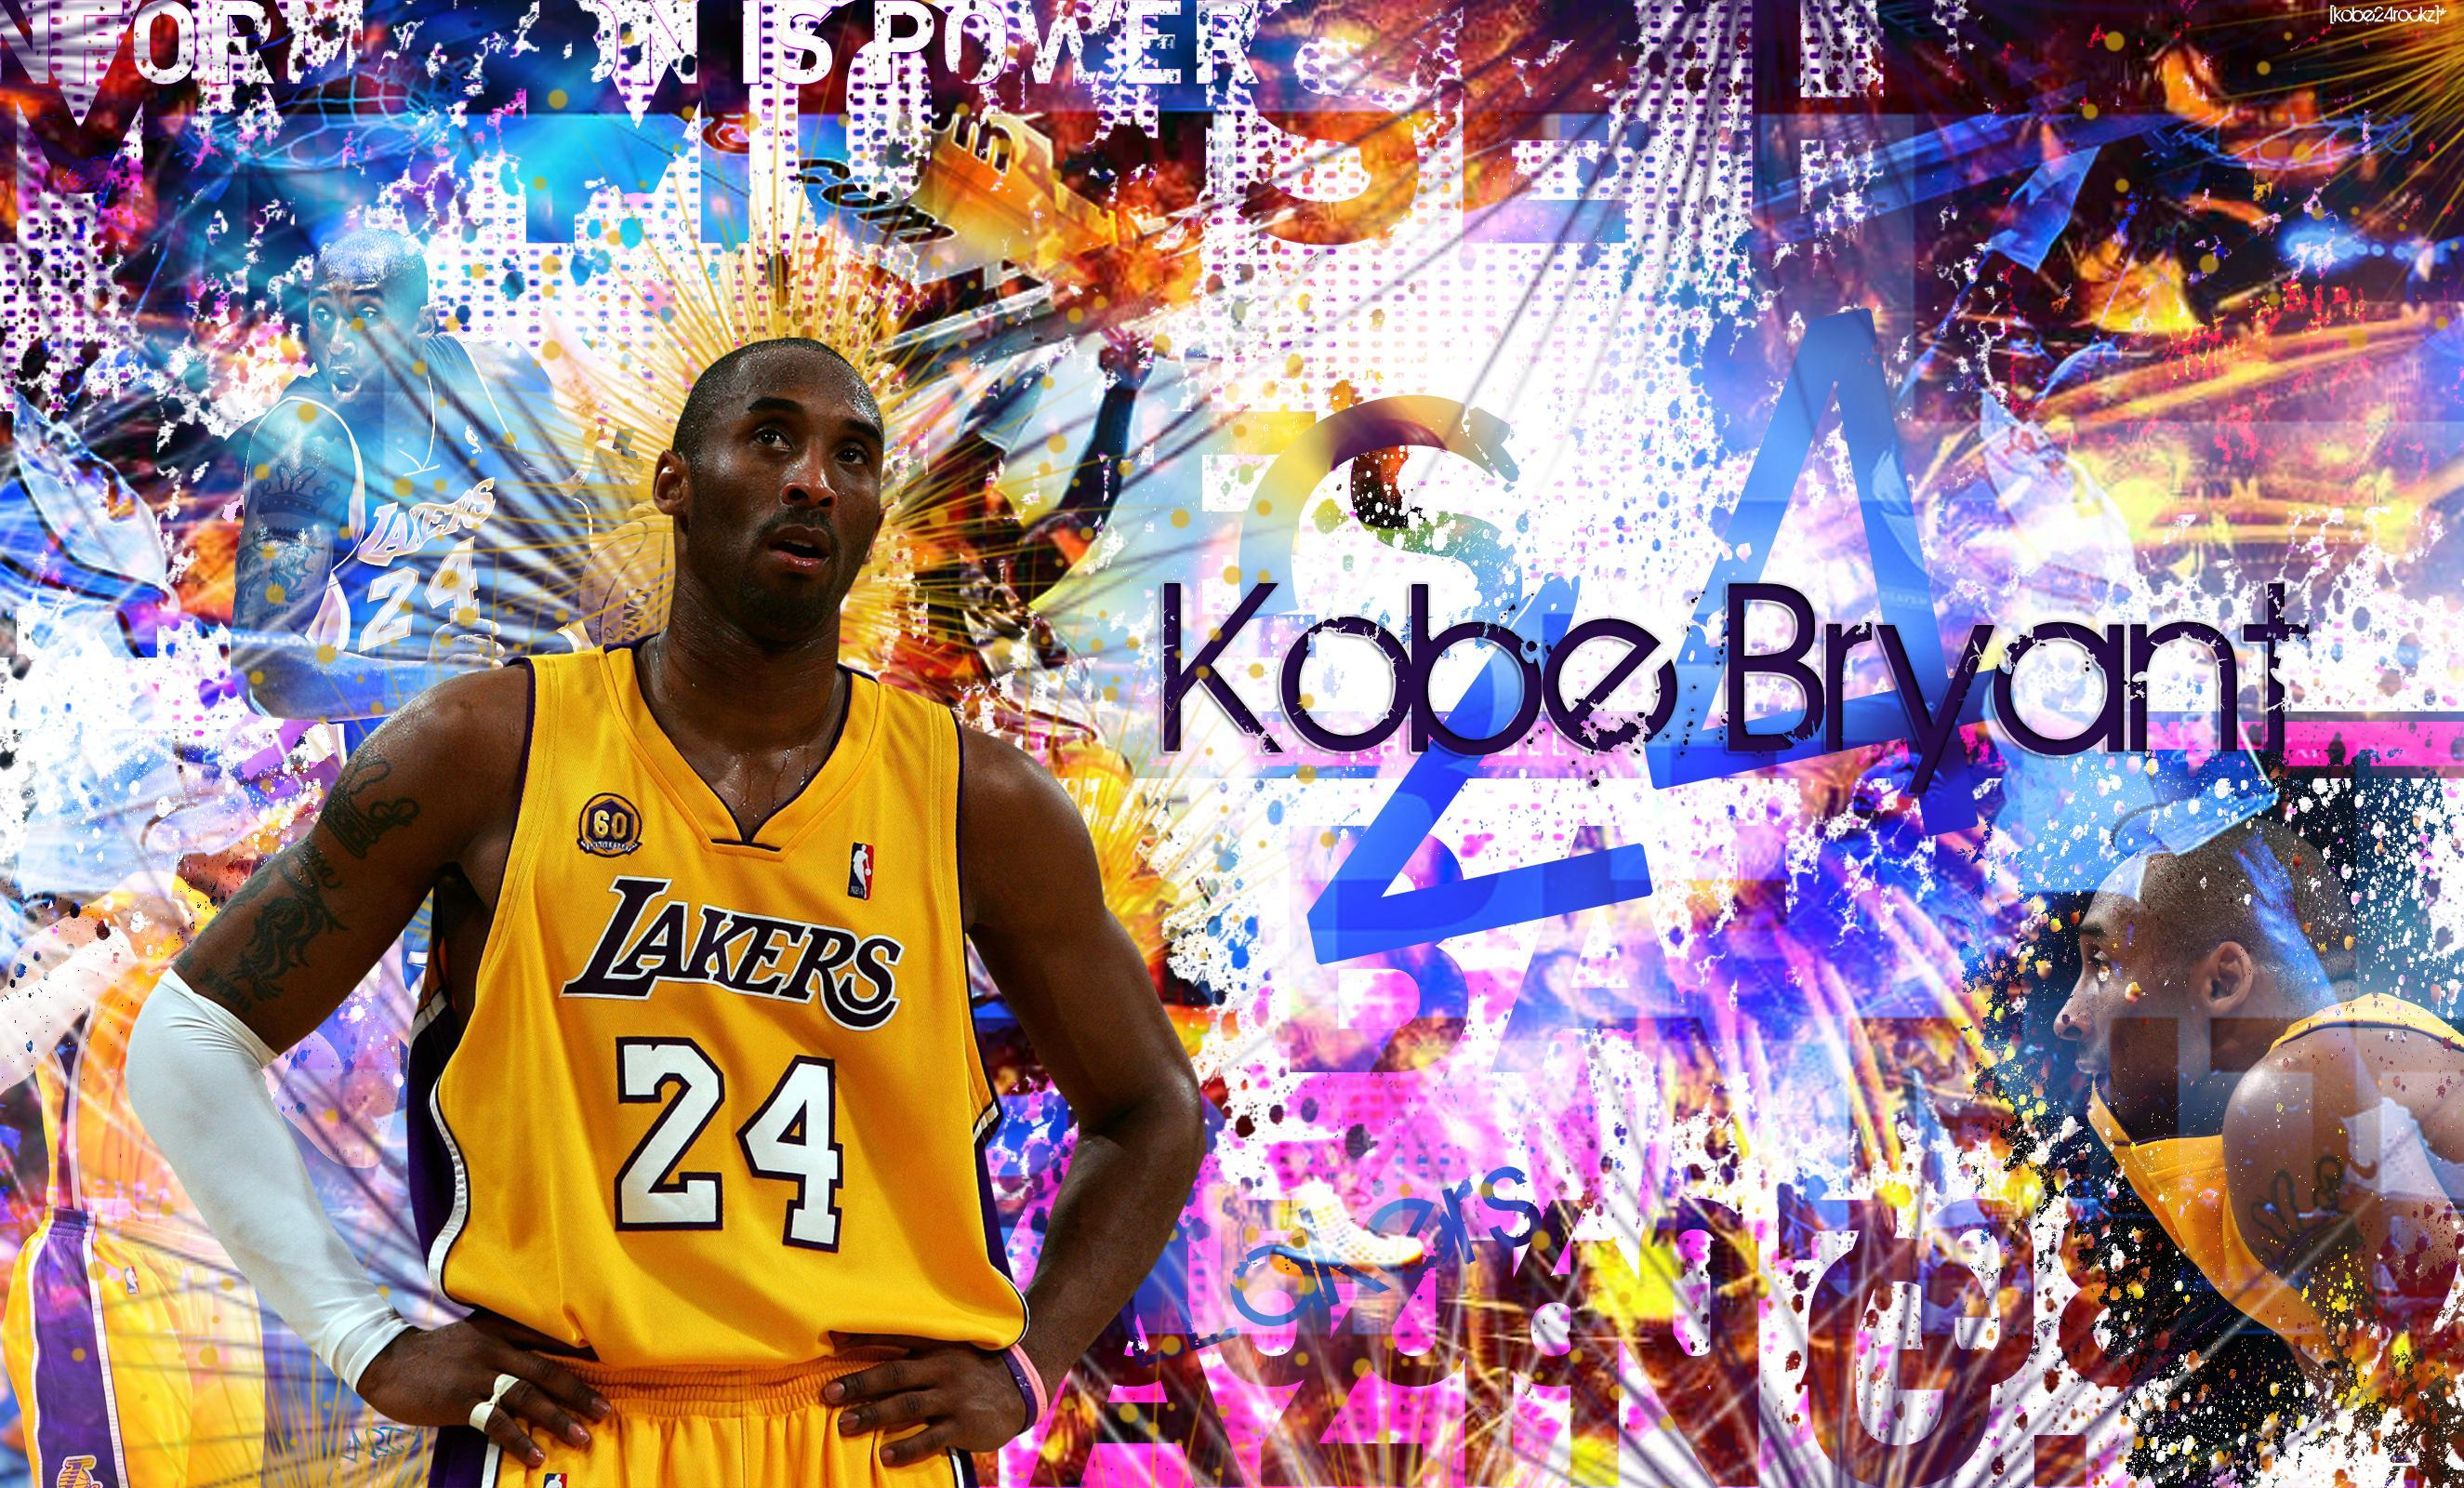 Desktop Kobe Bryant RIP Wallpapers - Wallpaper Cave